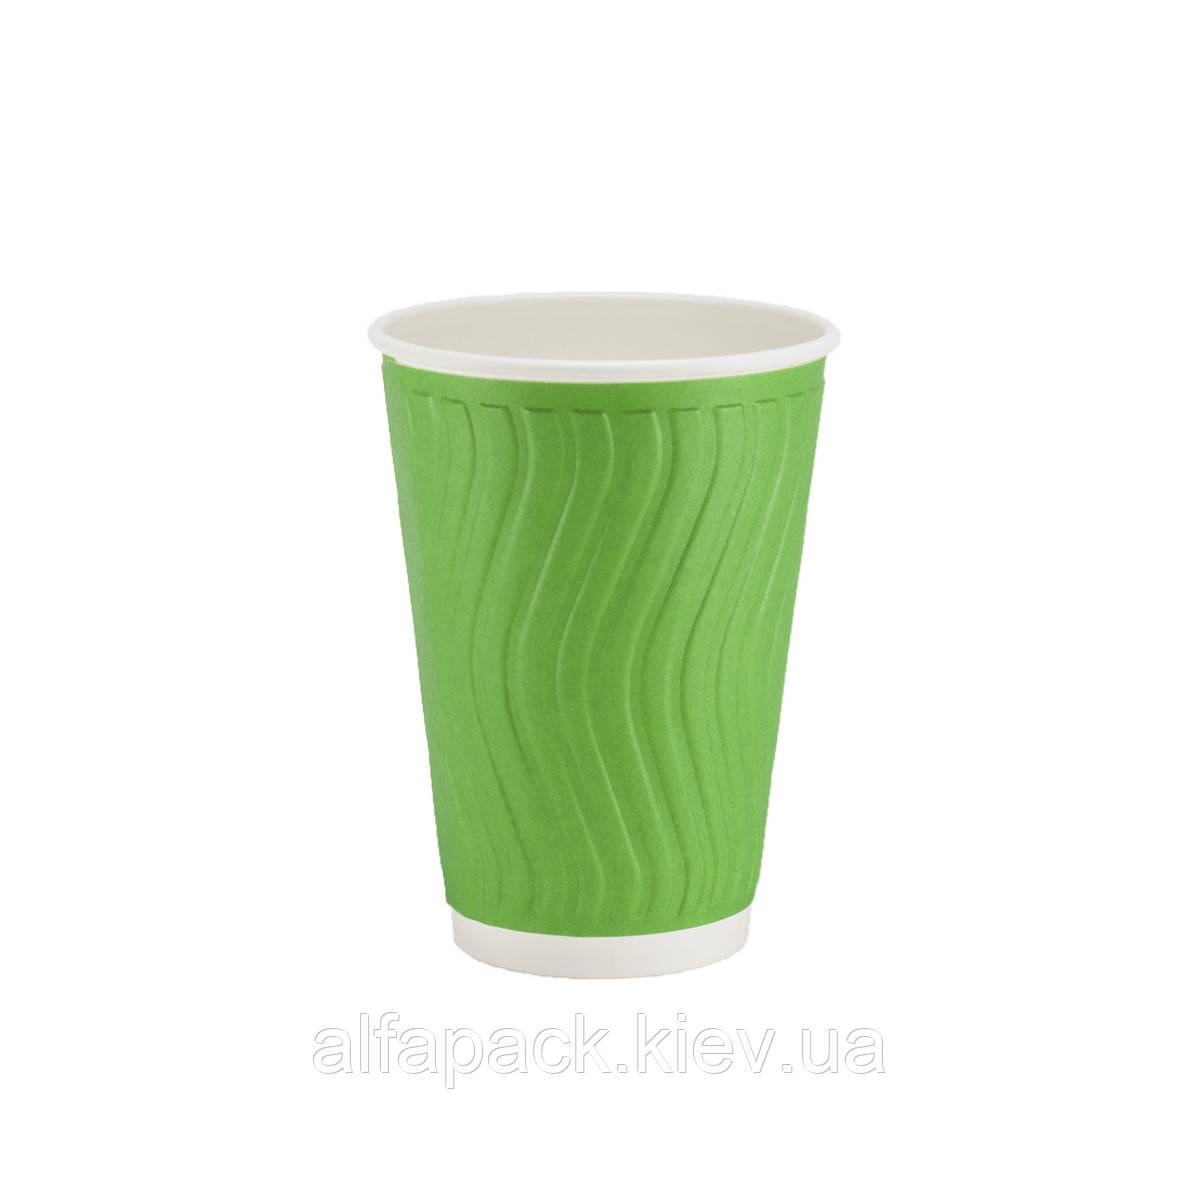 Гофрированный стакан волна зеленый 175 мл